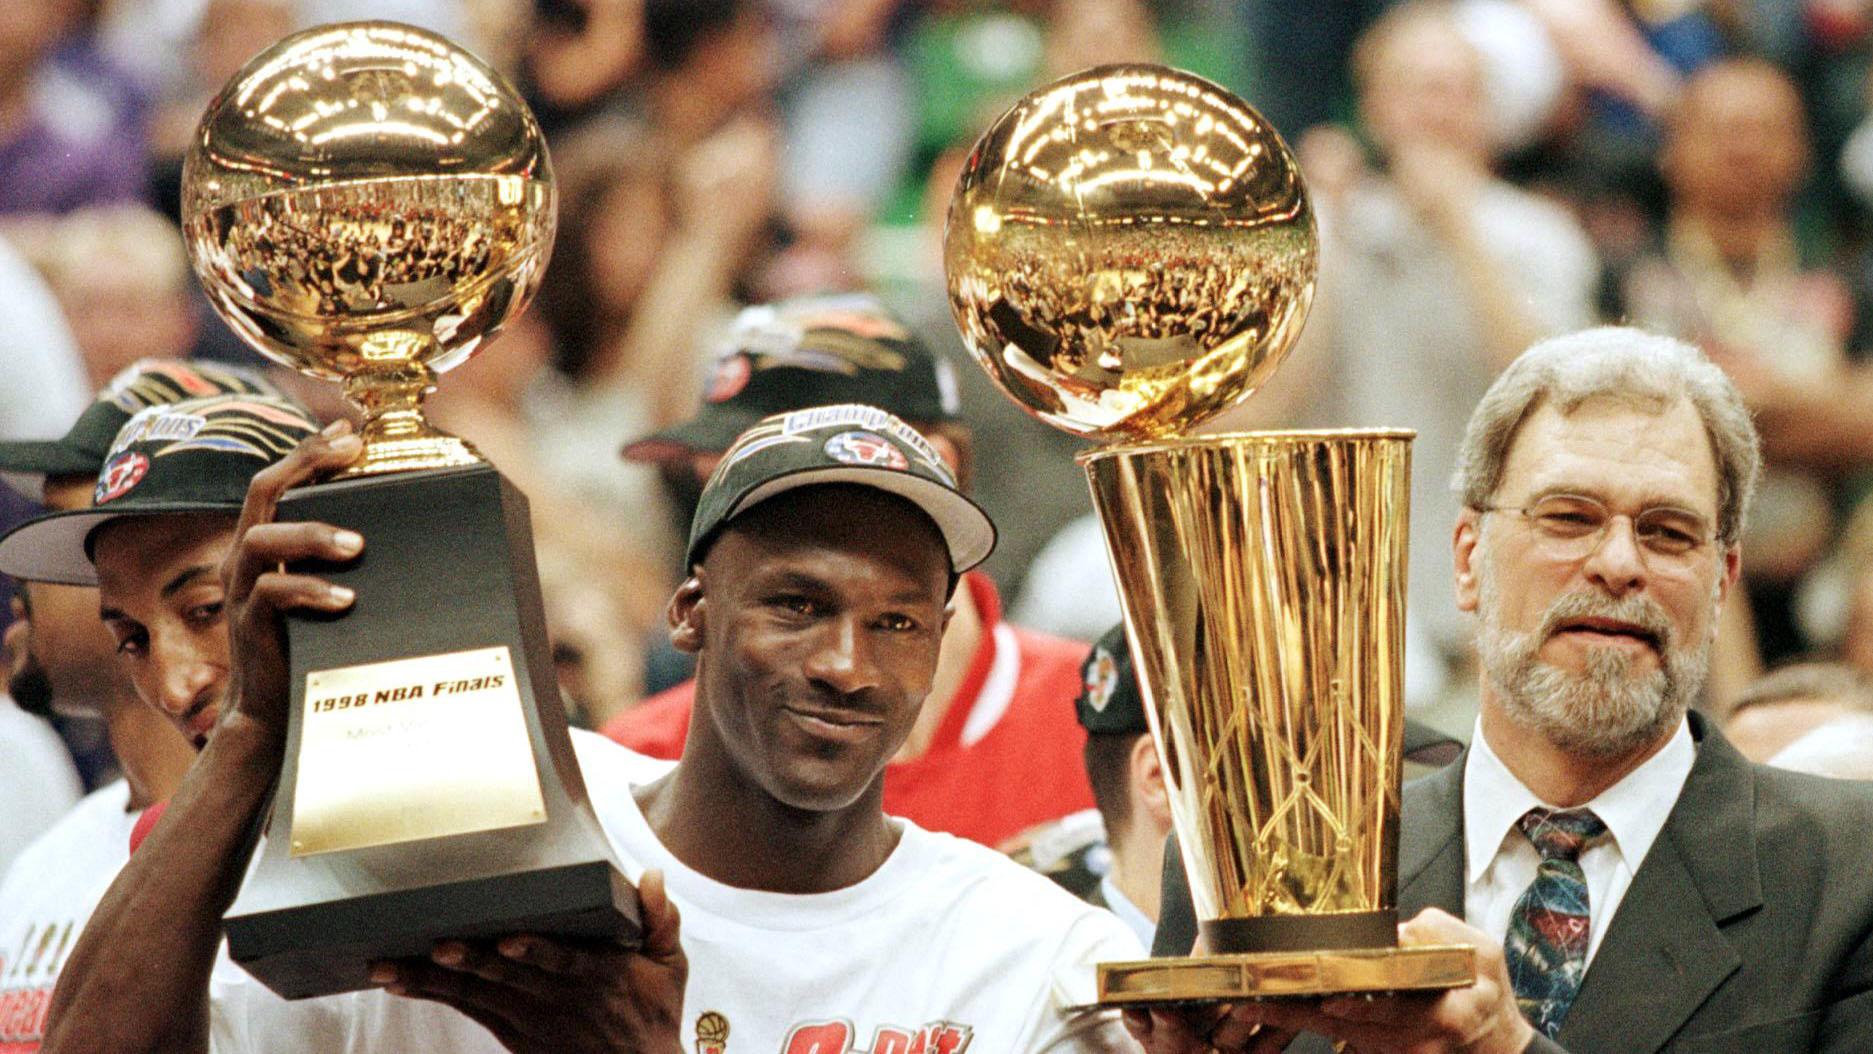 bulls-1998-nba-finals-championship-droughts